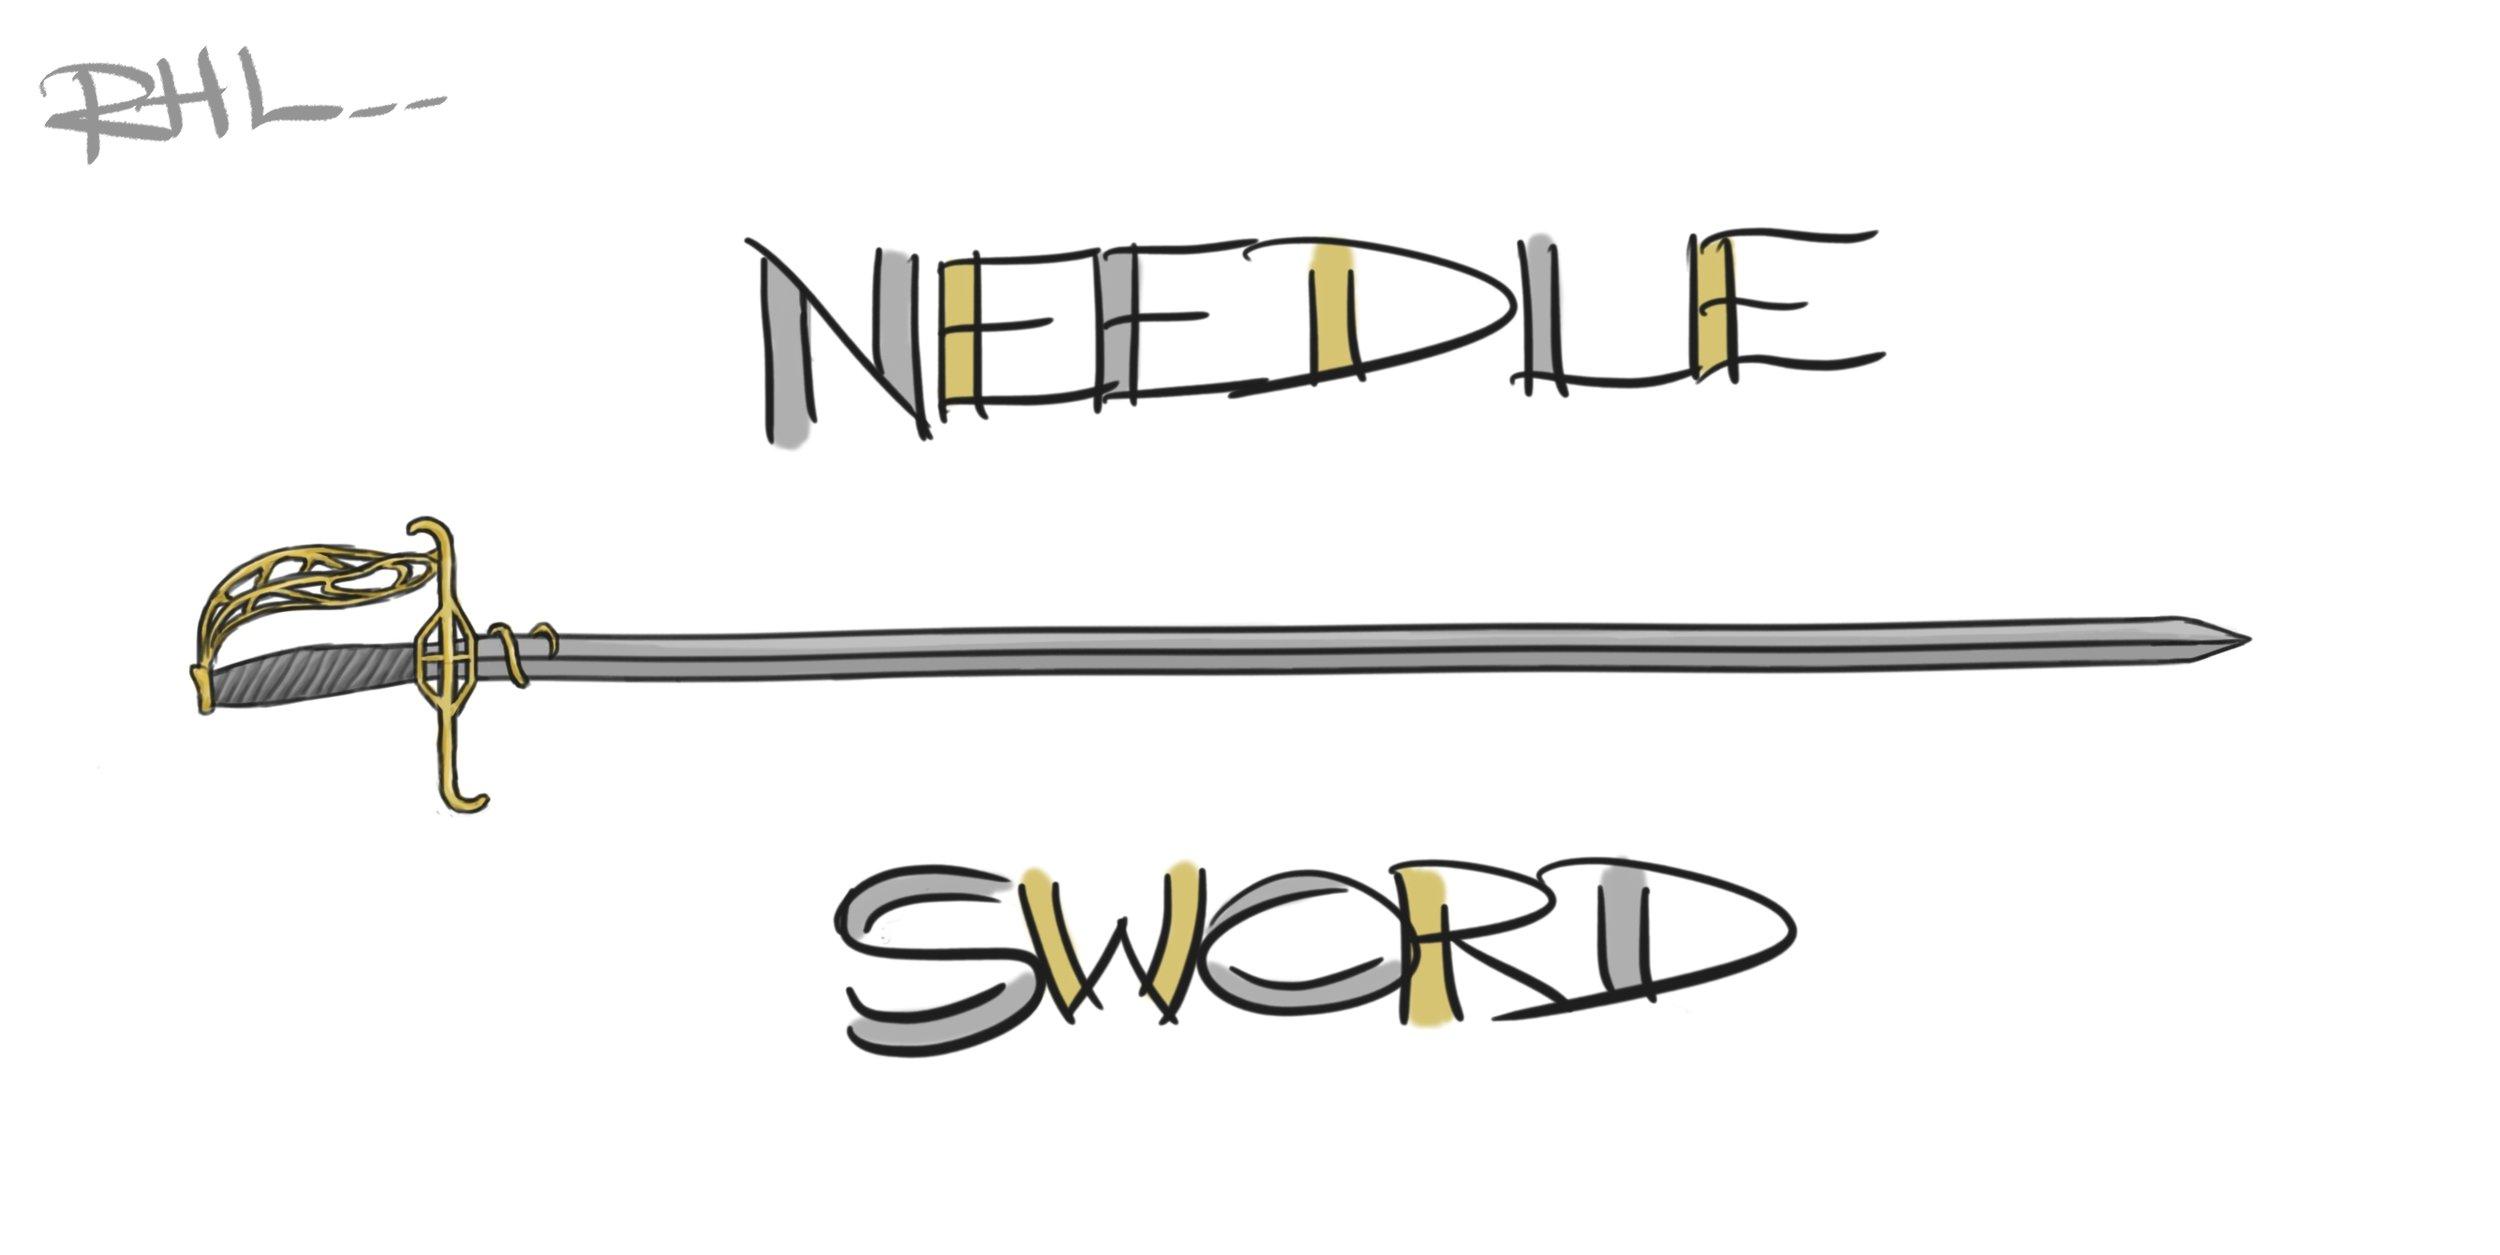 Needle Sword